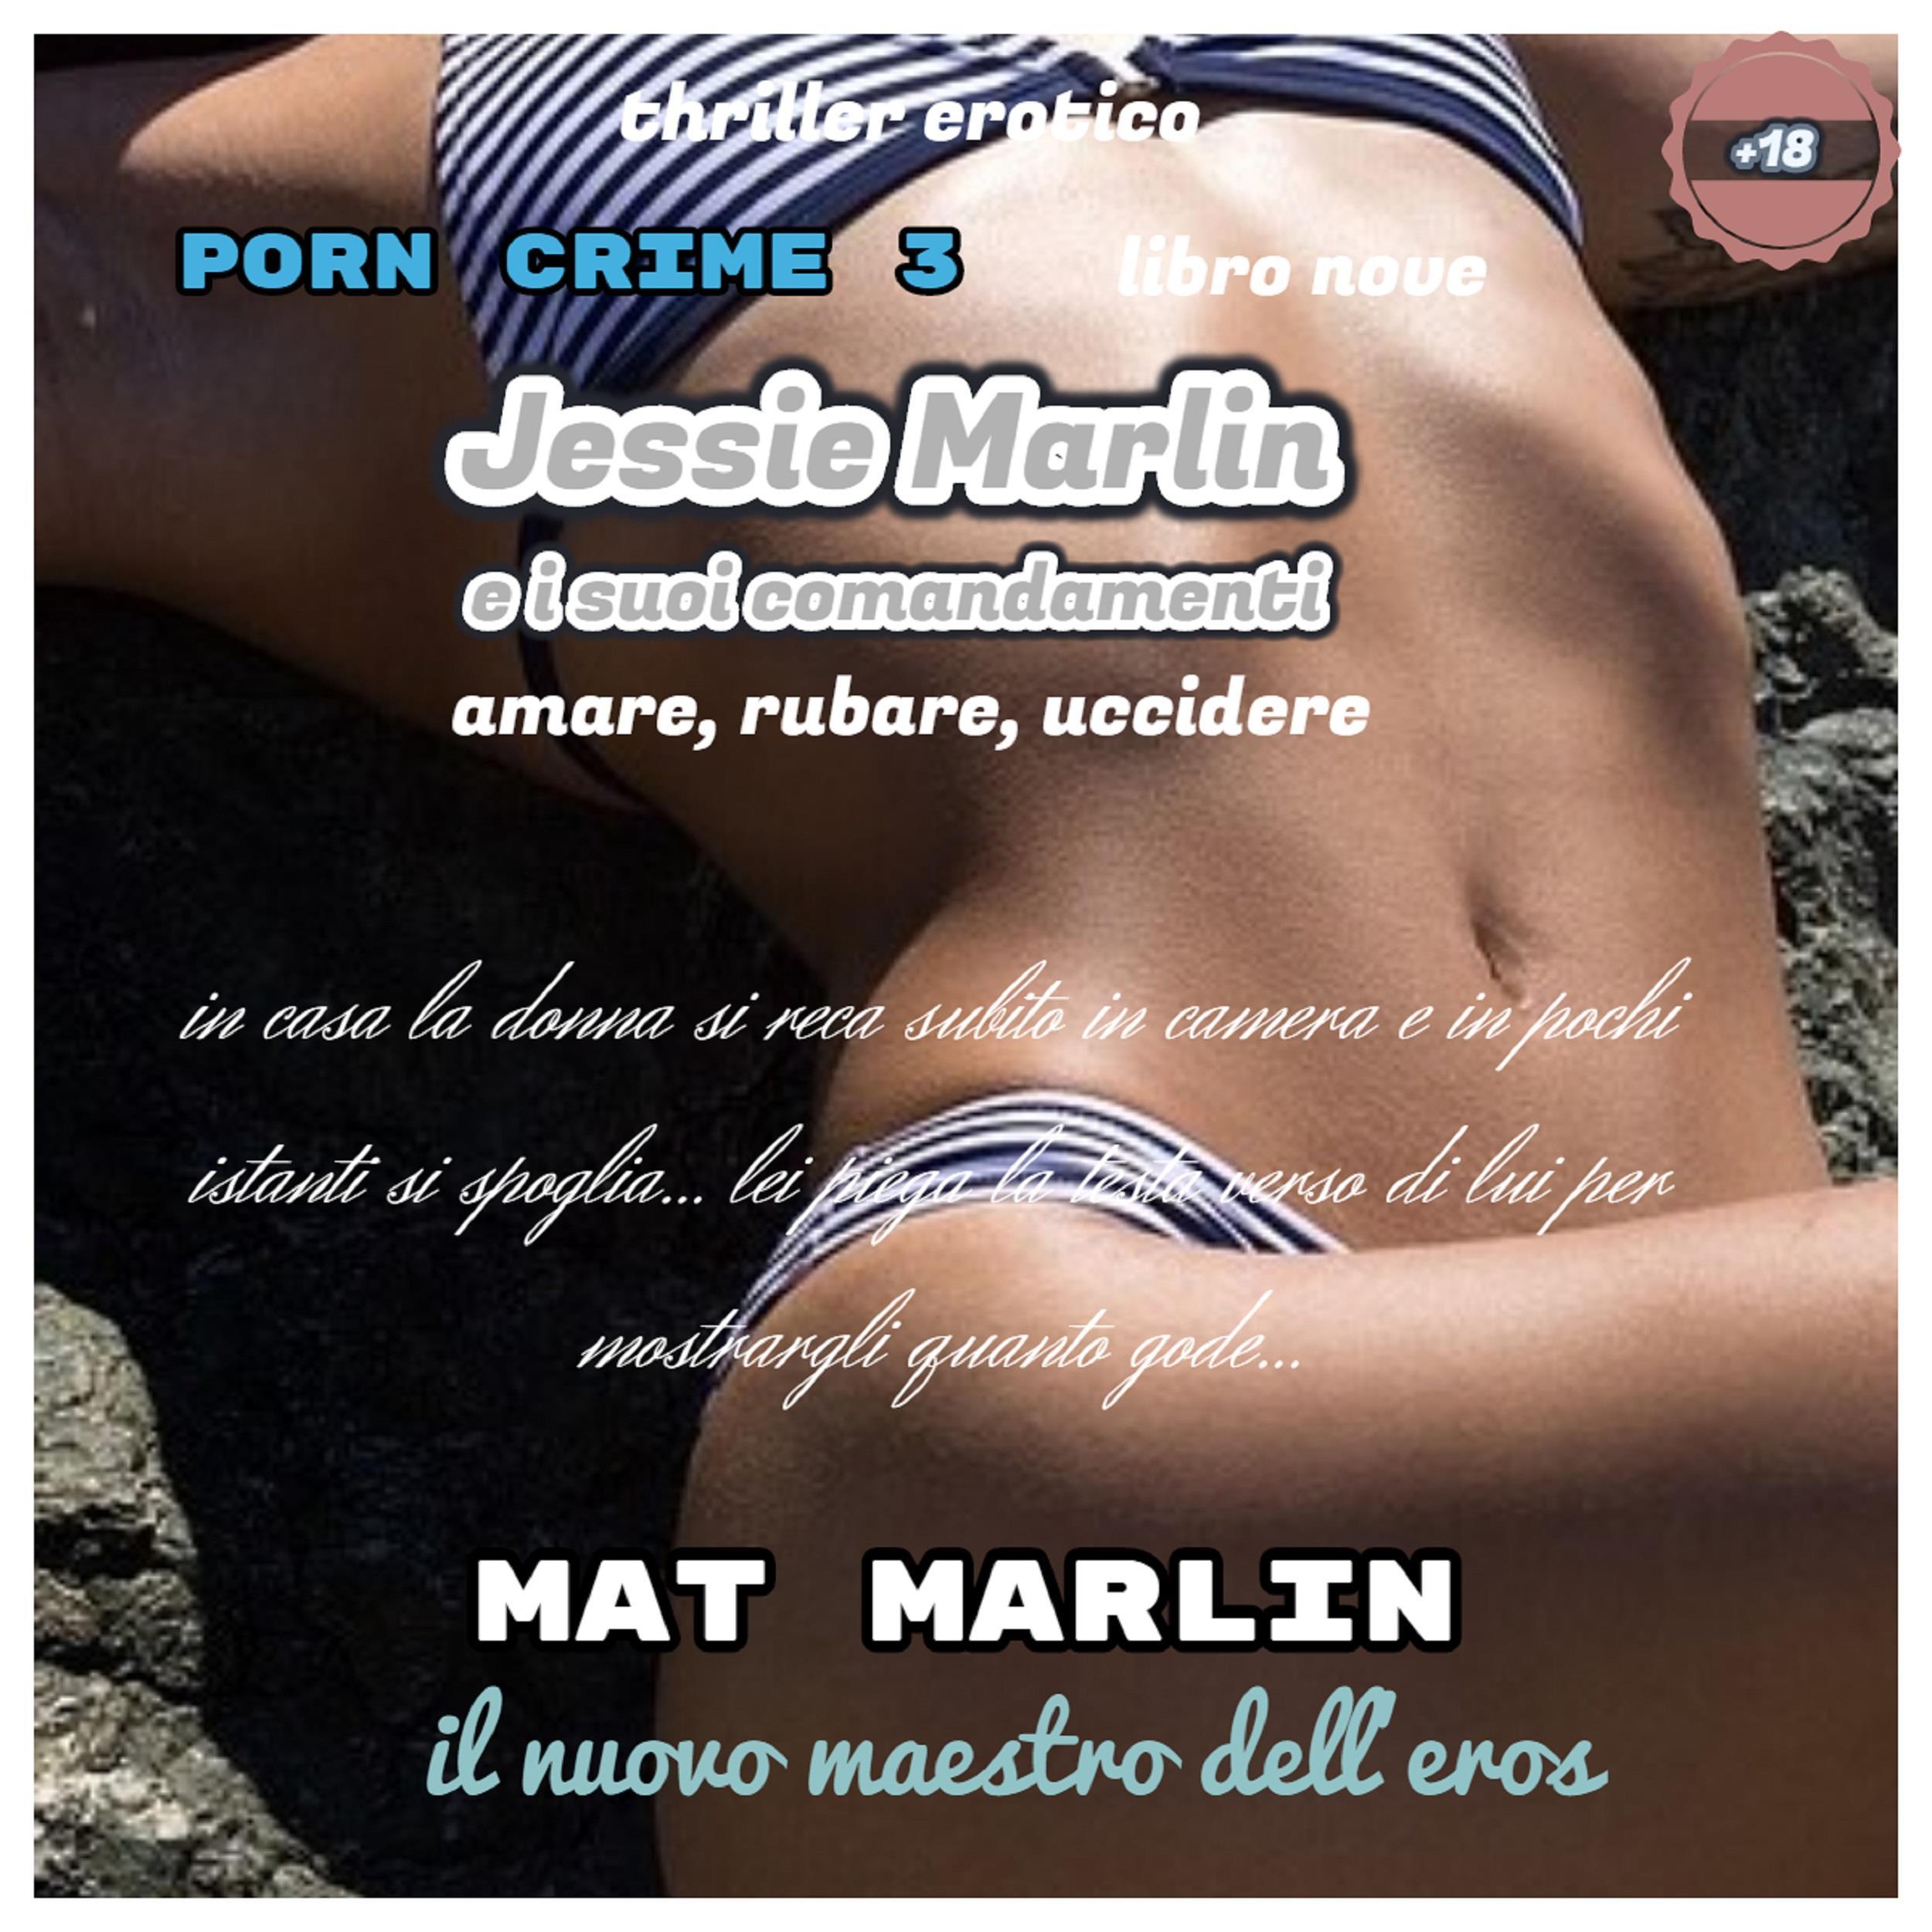 Jessie Marlin e i suoi comandamenti: Amare, Rubare, Uccidere [Mat Marlin]